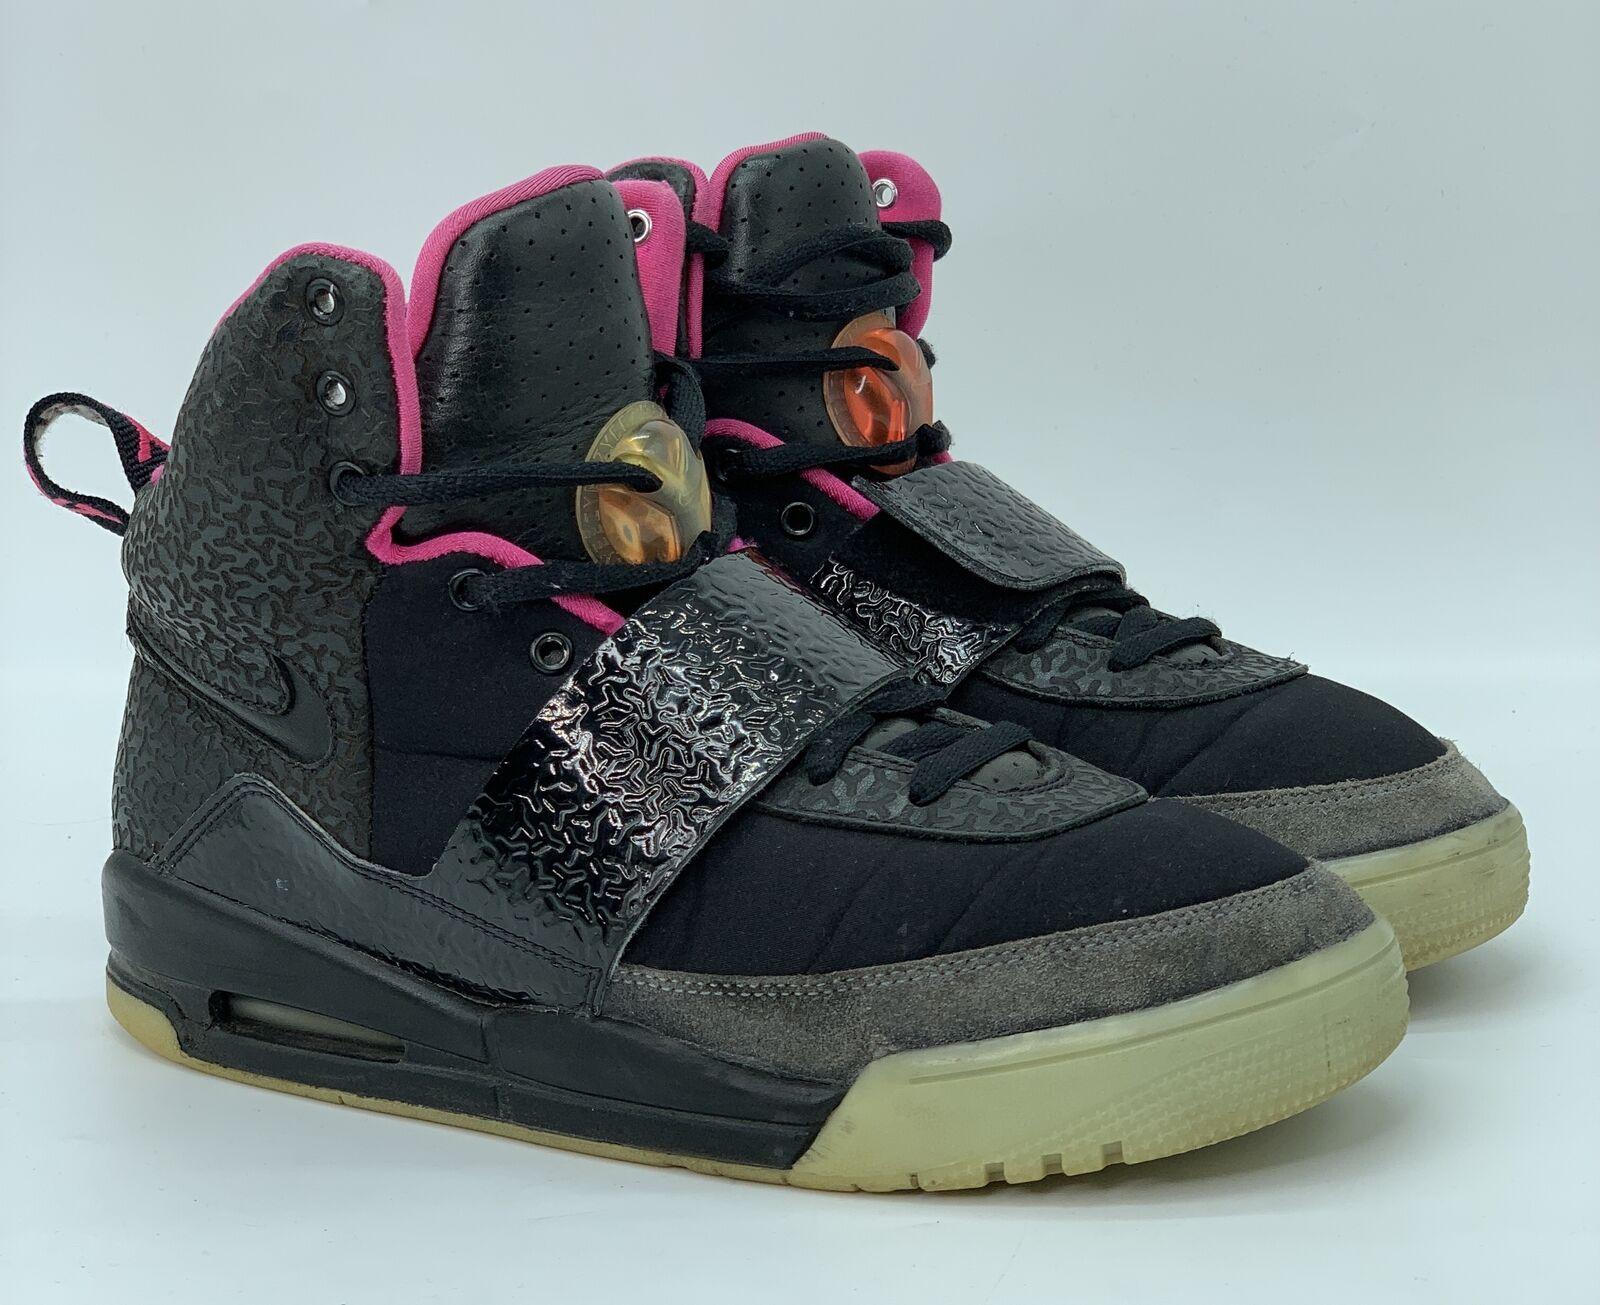 Nike Air Yeezy 1 Blink Black Noir Pink